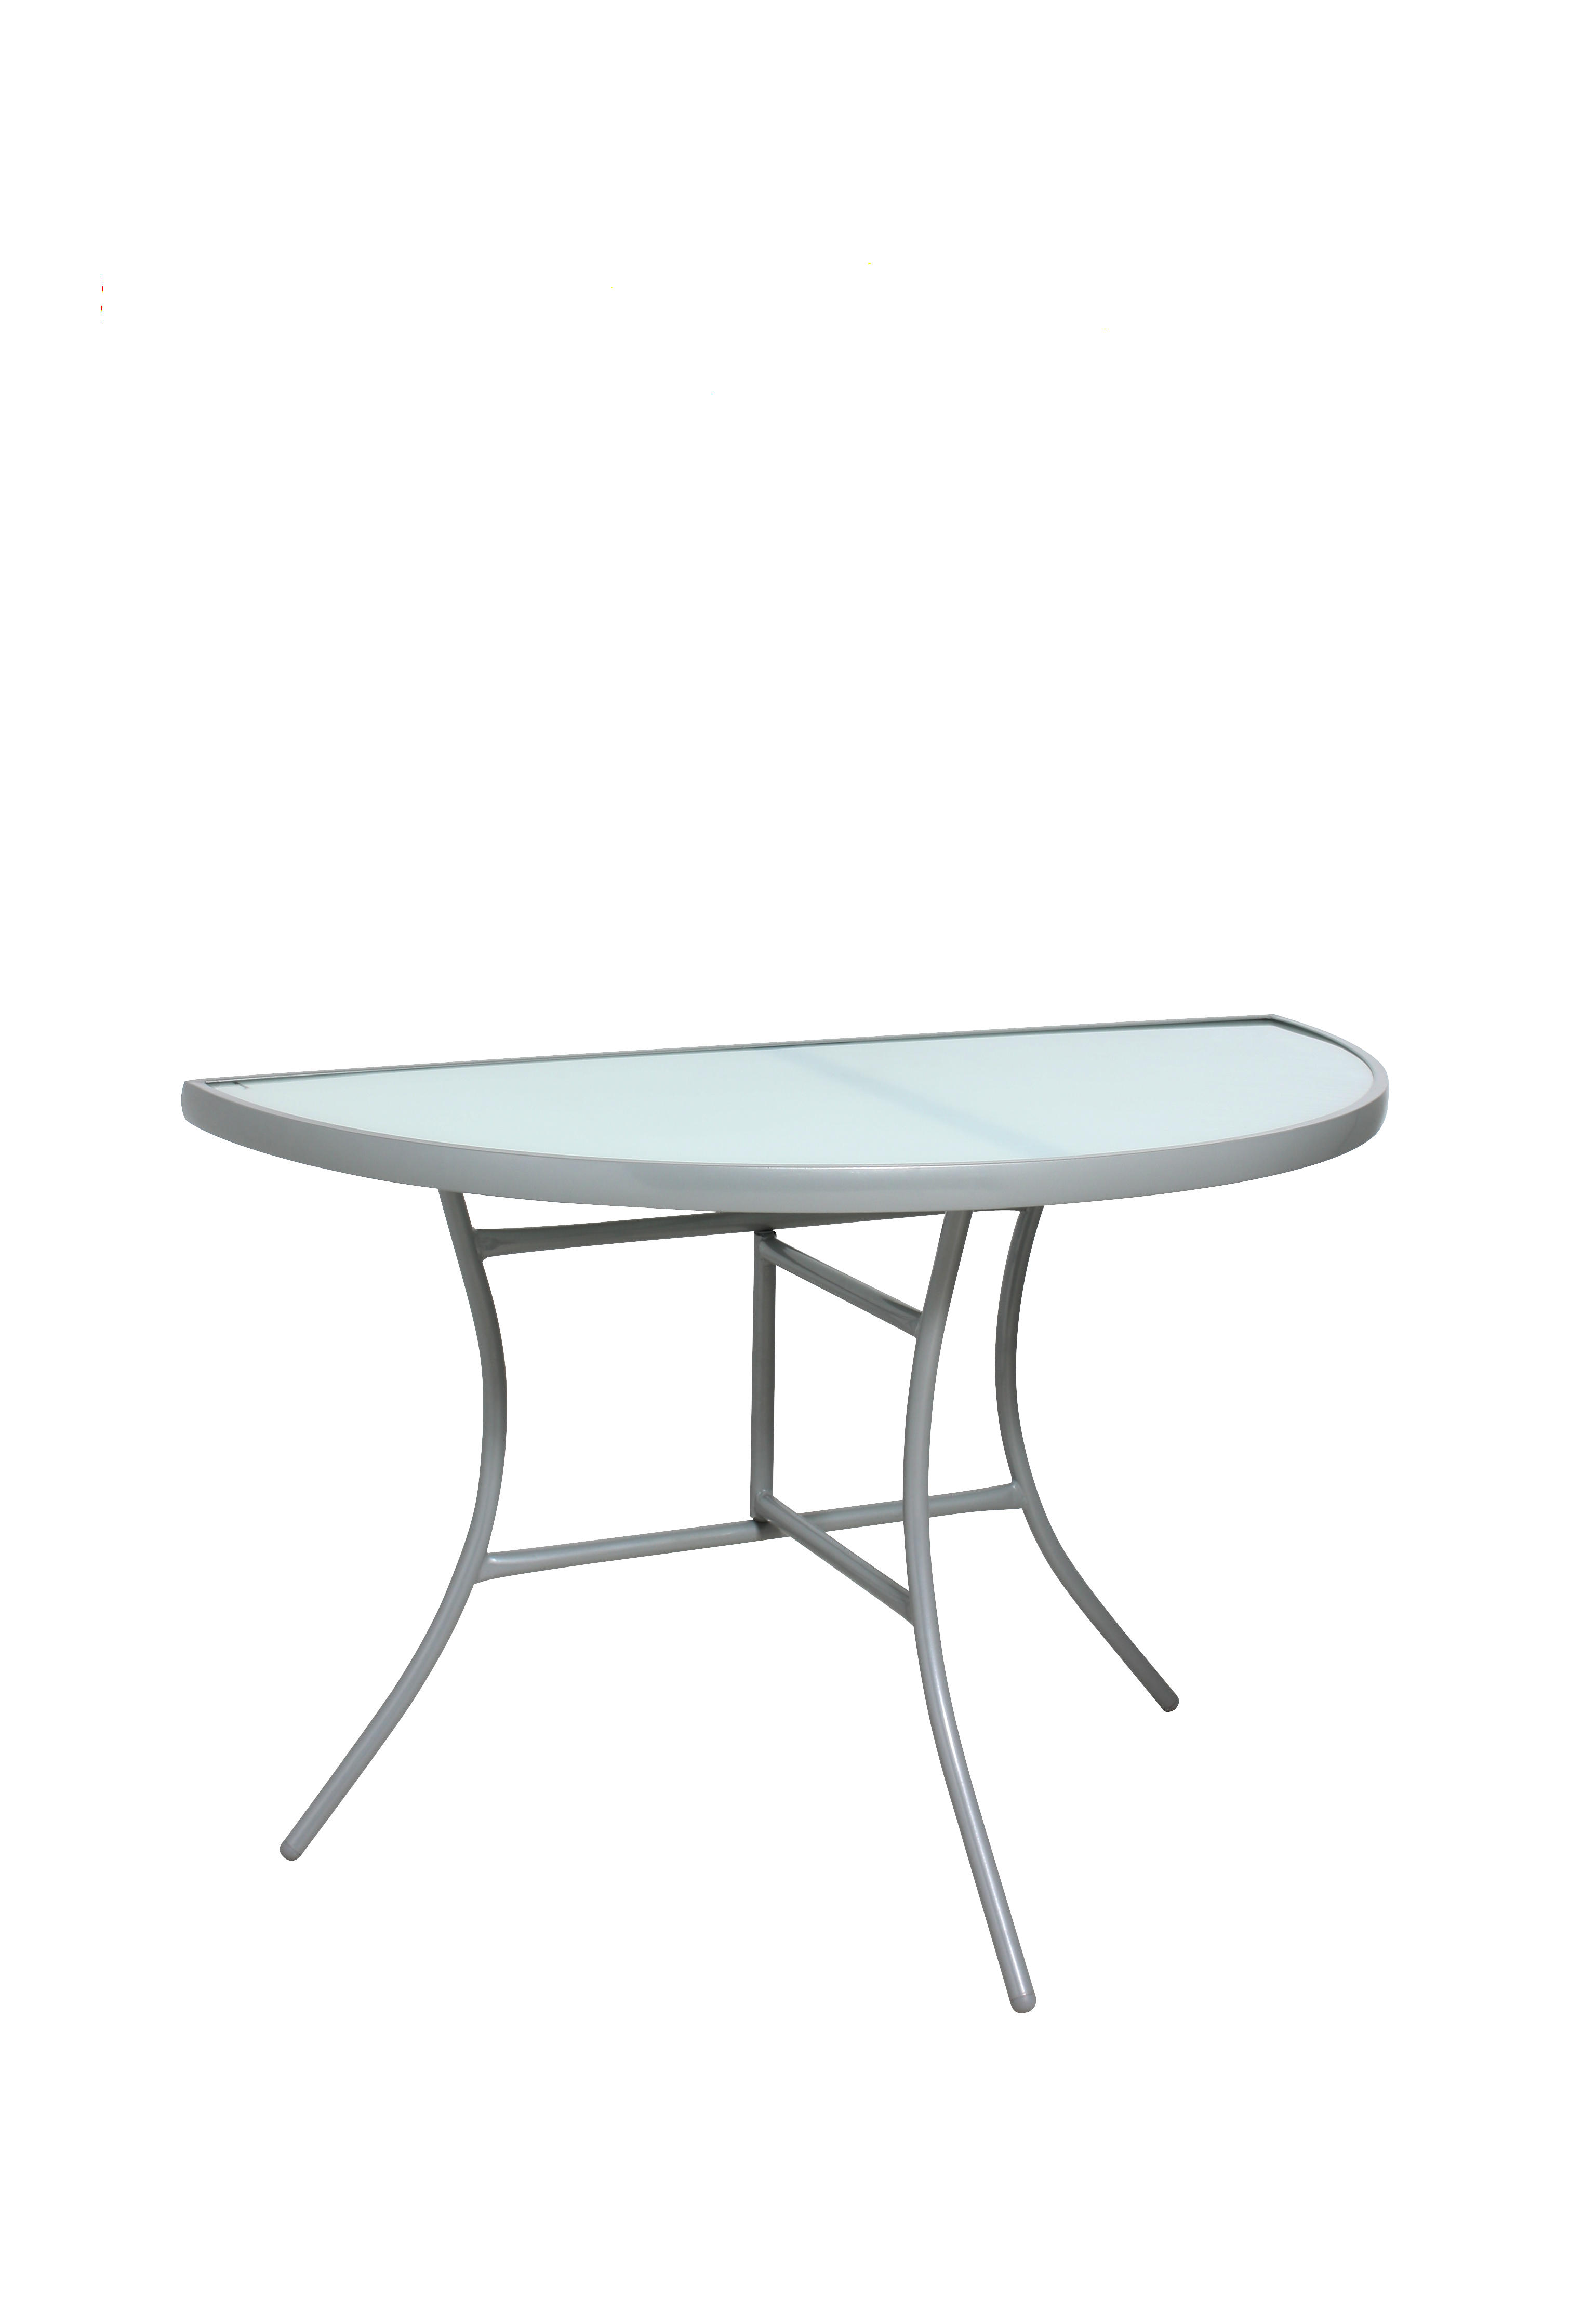 wandtisch palermo halbrund klapptisch gartentisch garten tisch terrasse balkon ebay. Black Bedroom Furniture Sets. Home Design Ideas